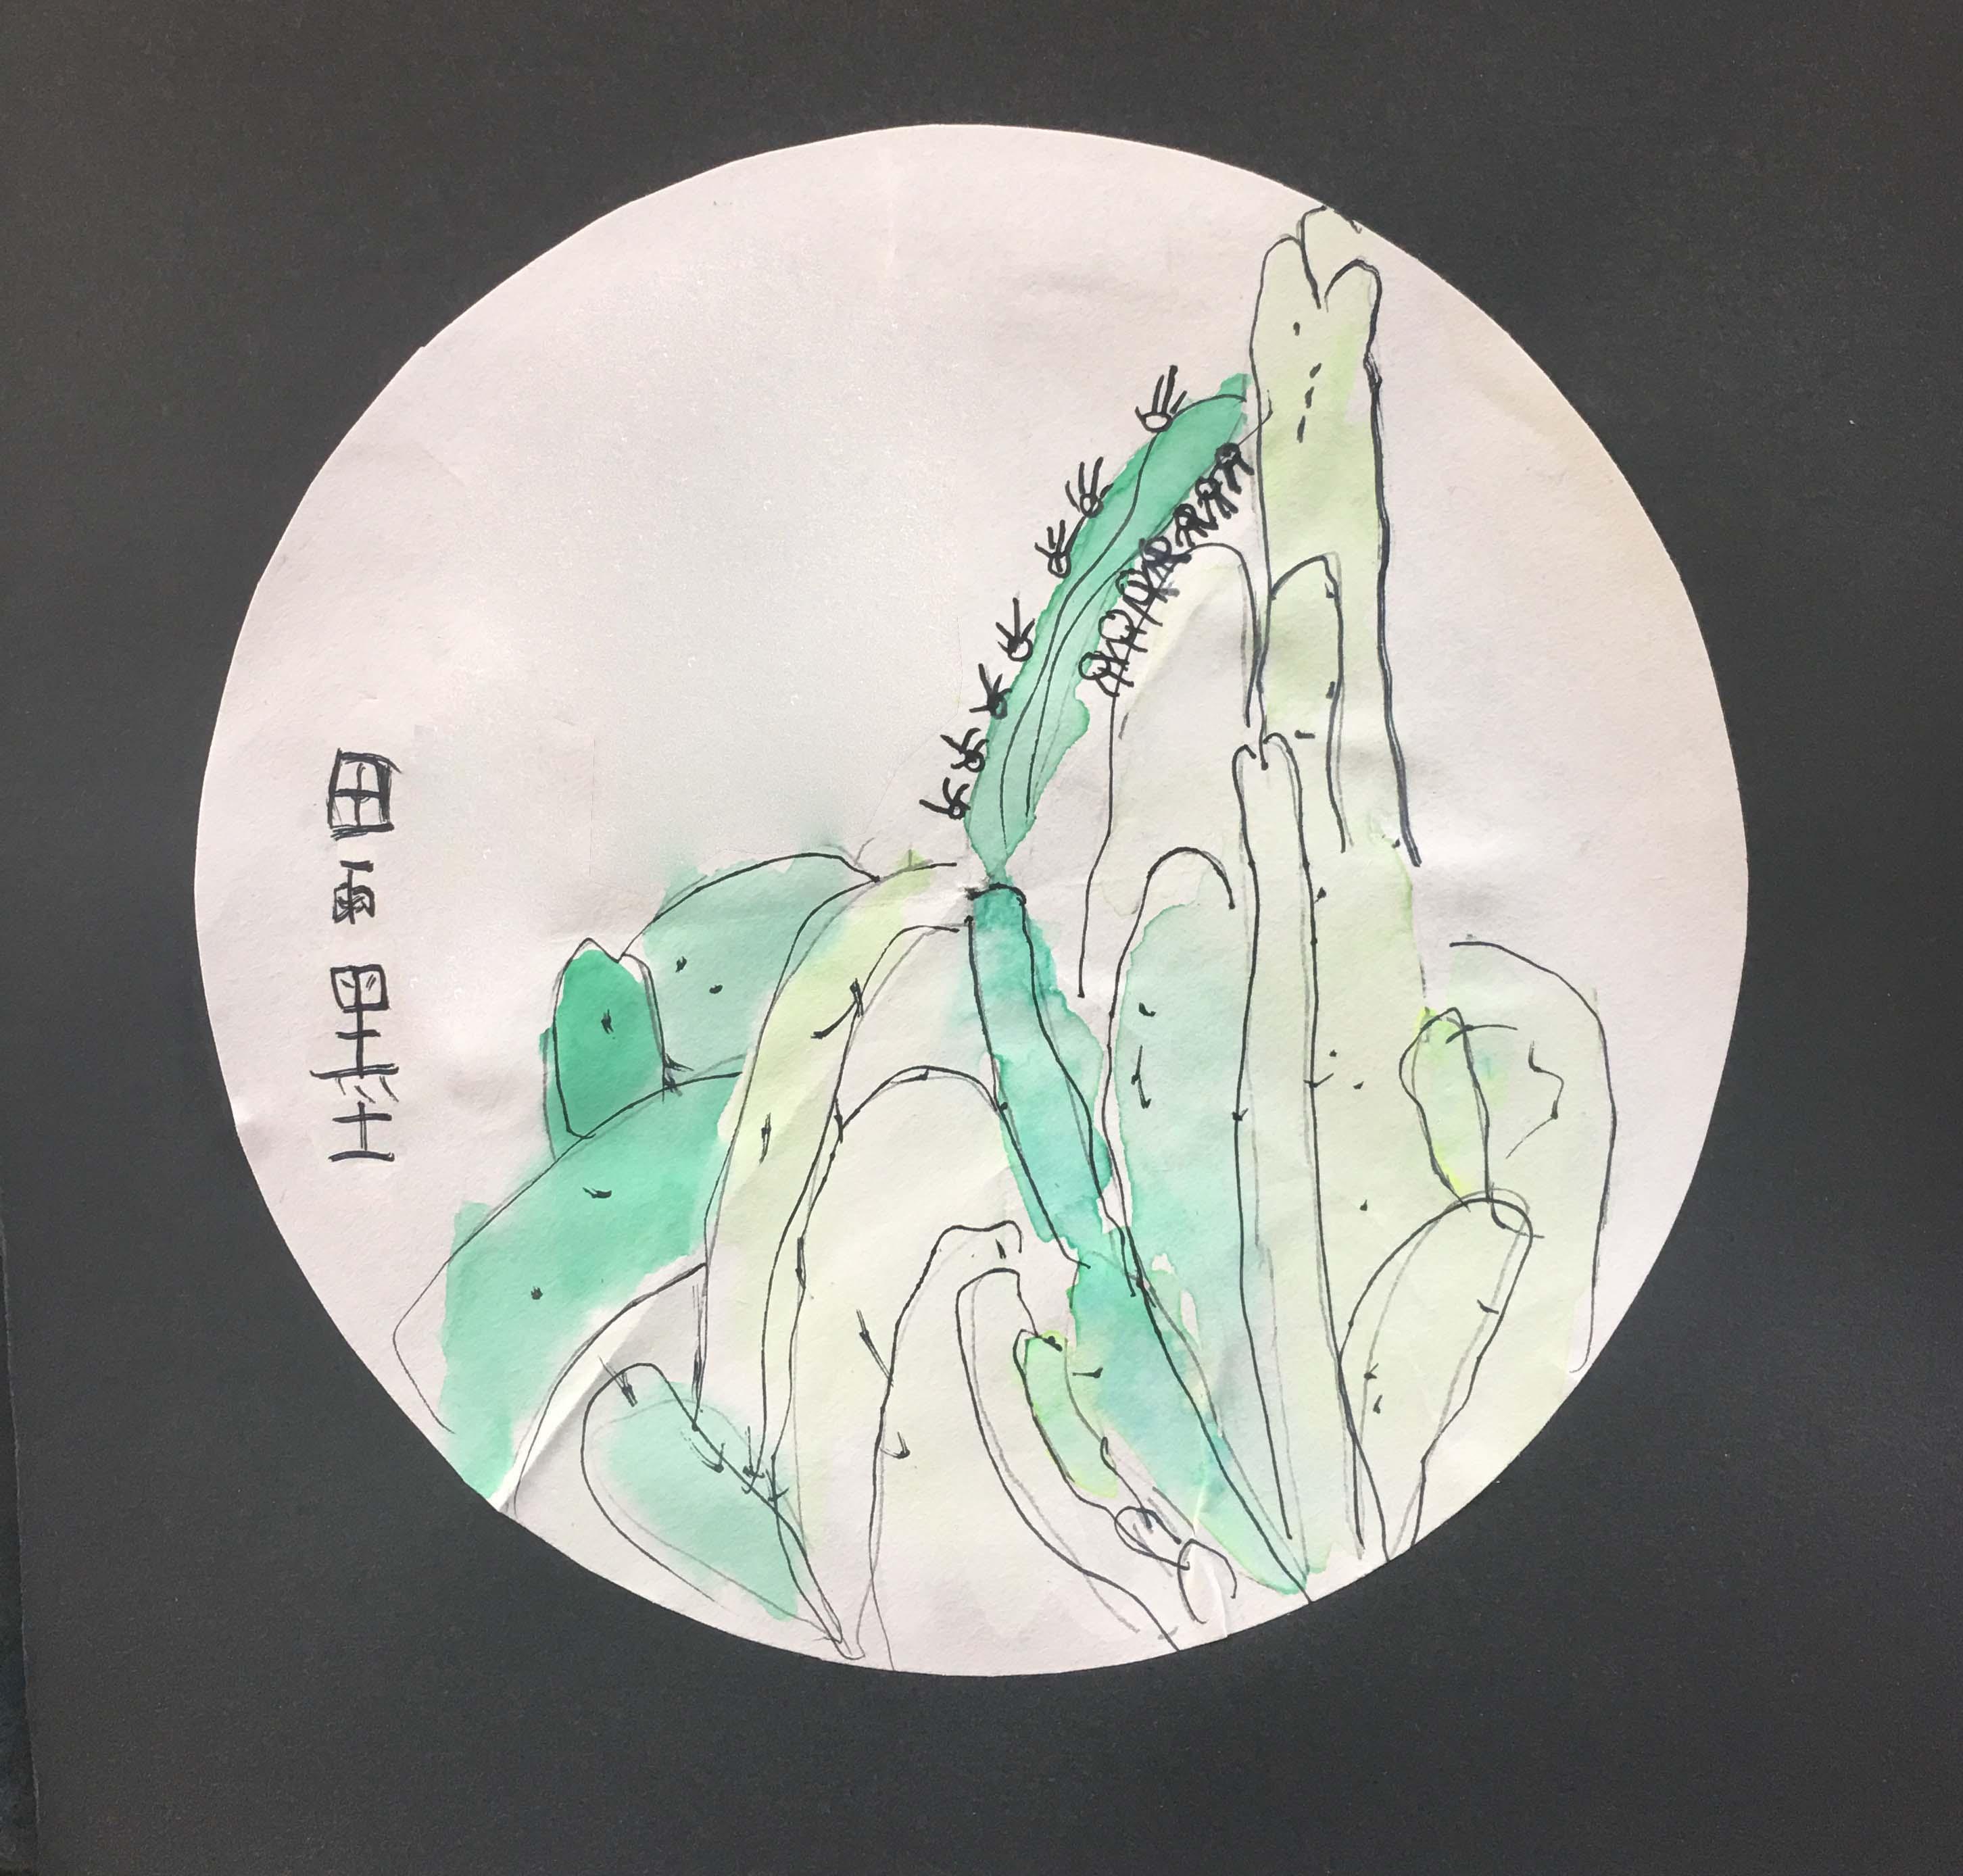 儿童画-仙人掌(水彩画)-田雨墨-国际青少年艺术家